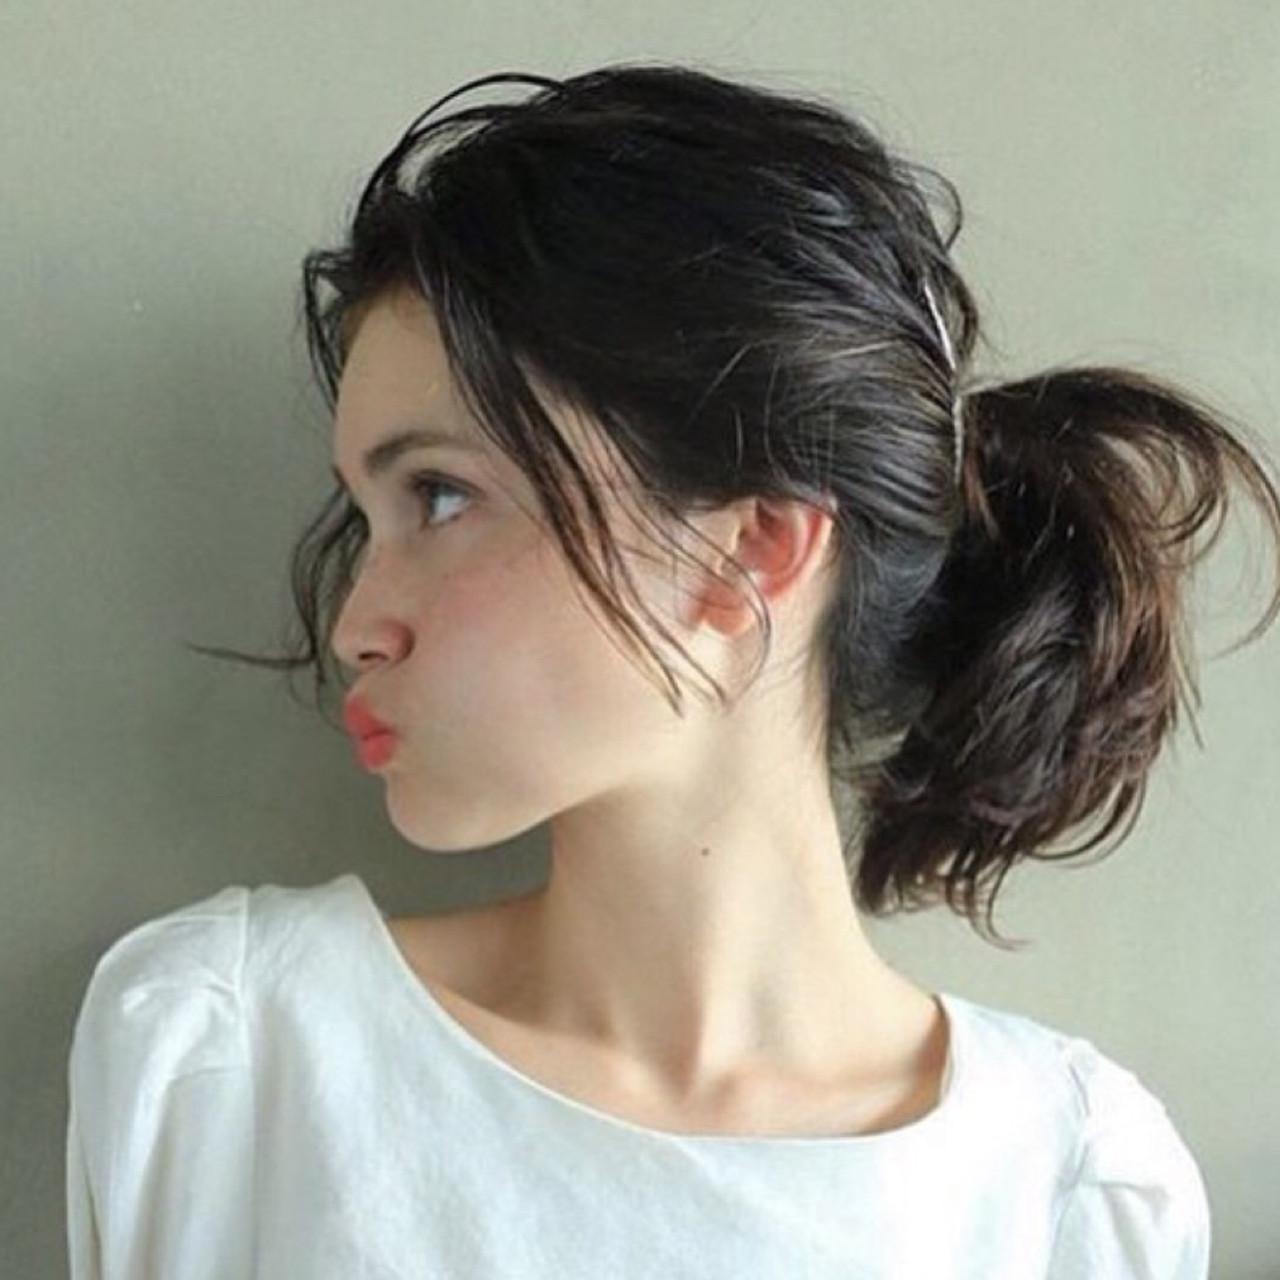 ショート ポニーテール 簡単ヘアアレンジ ミディアム ヘアスタイルや髪型の写真・画像 | 高橋 忍 / nanuk渋谷店(ナヌーク)